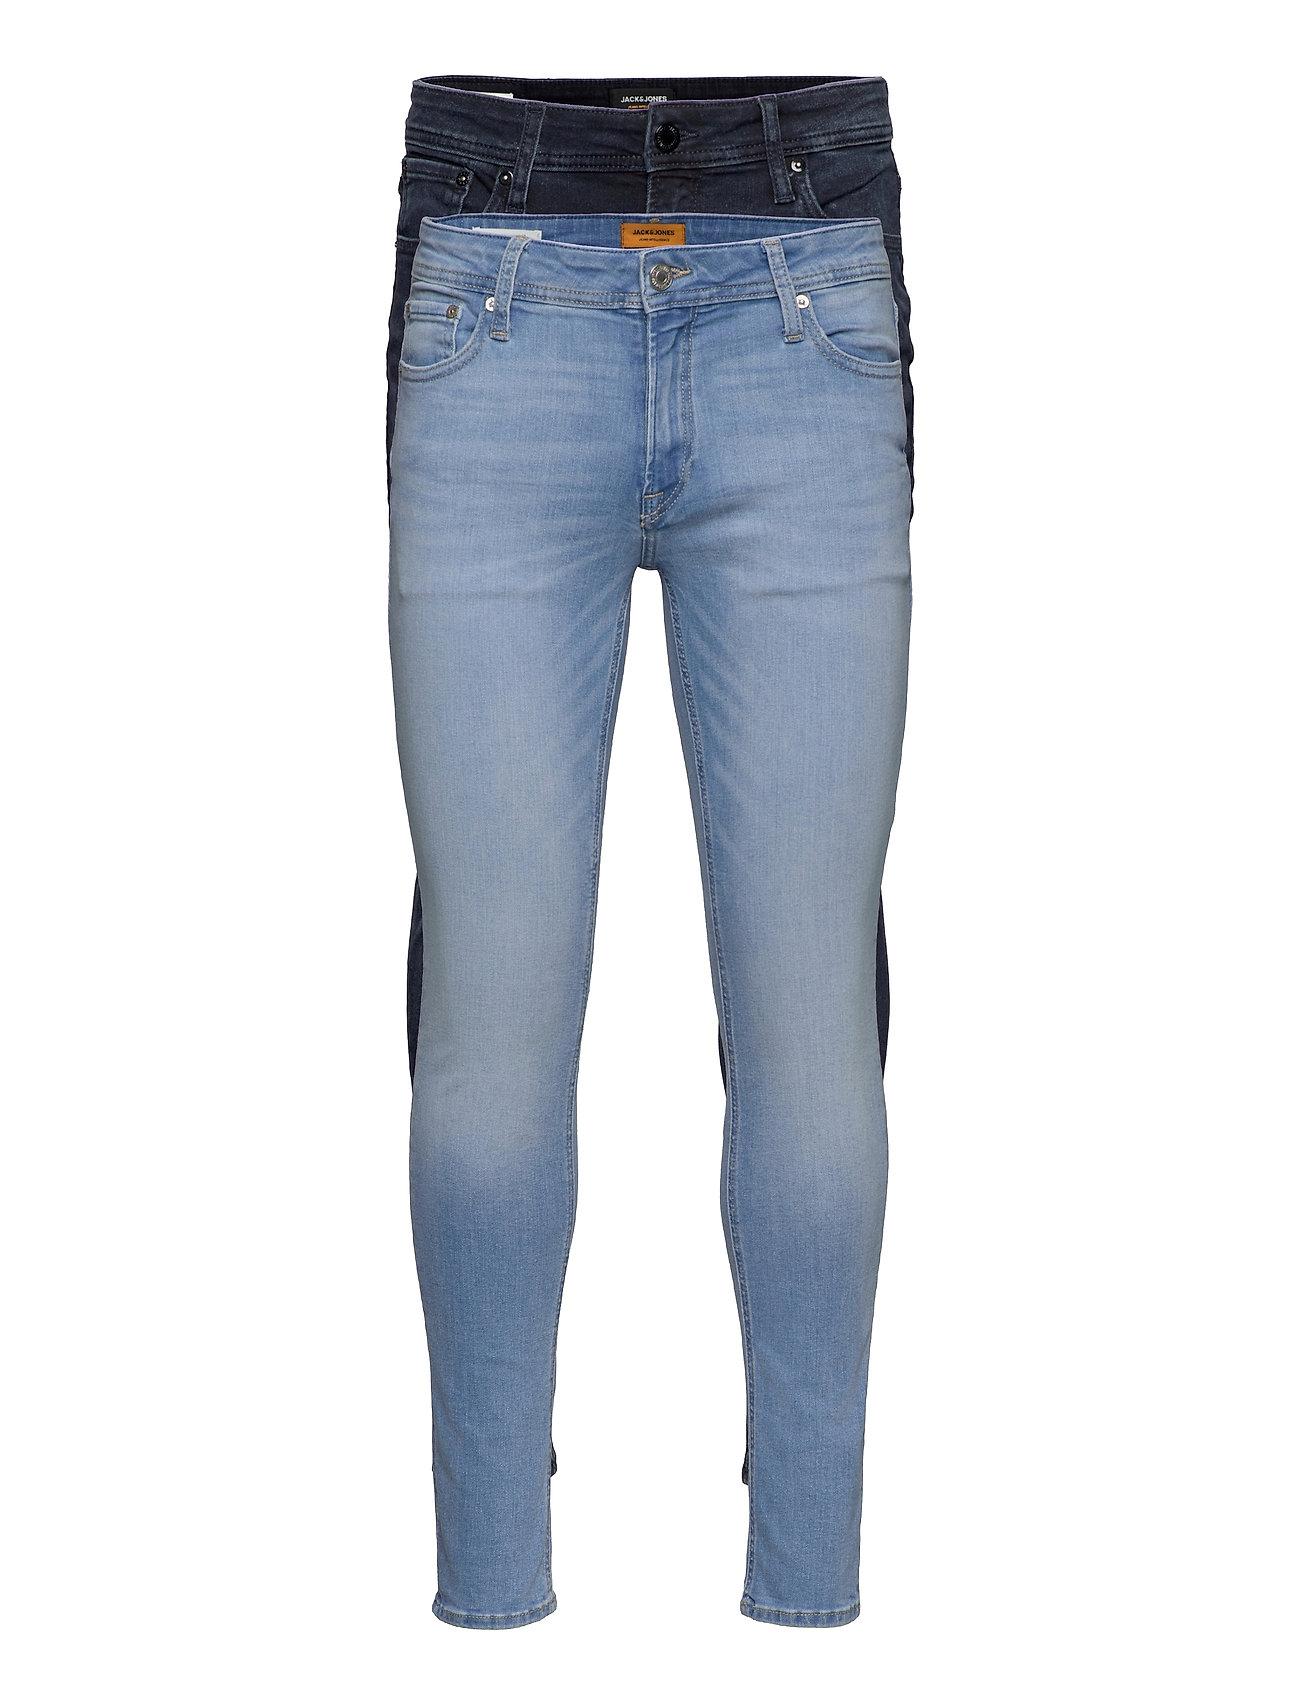 Jjiliam Jjoriginal Agi 002/004 2pk Mp Skinny Jeans Blå Jack & J S